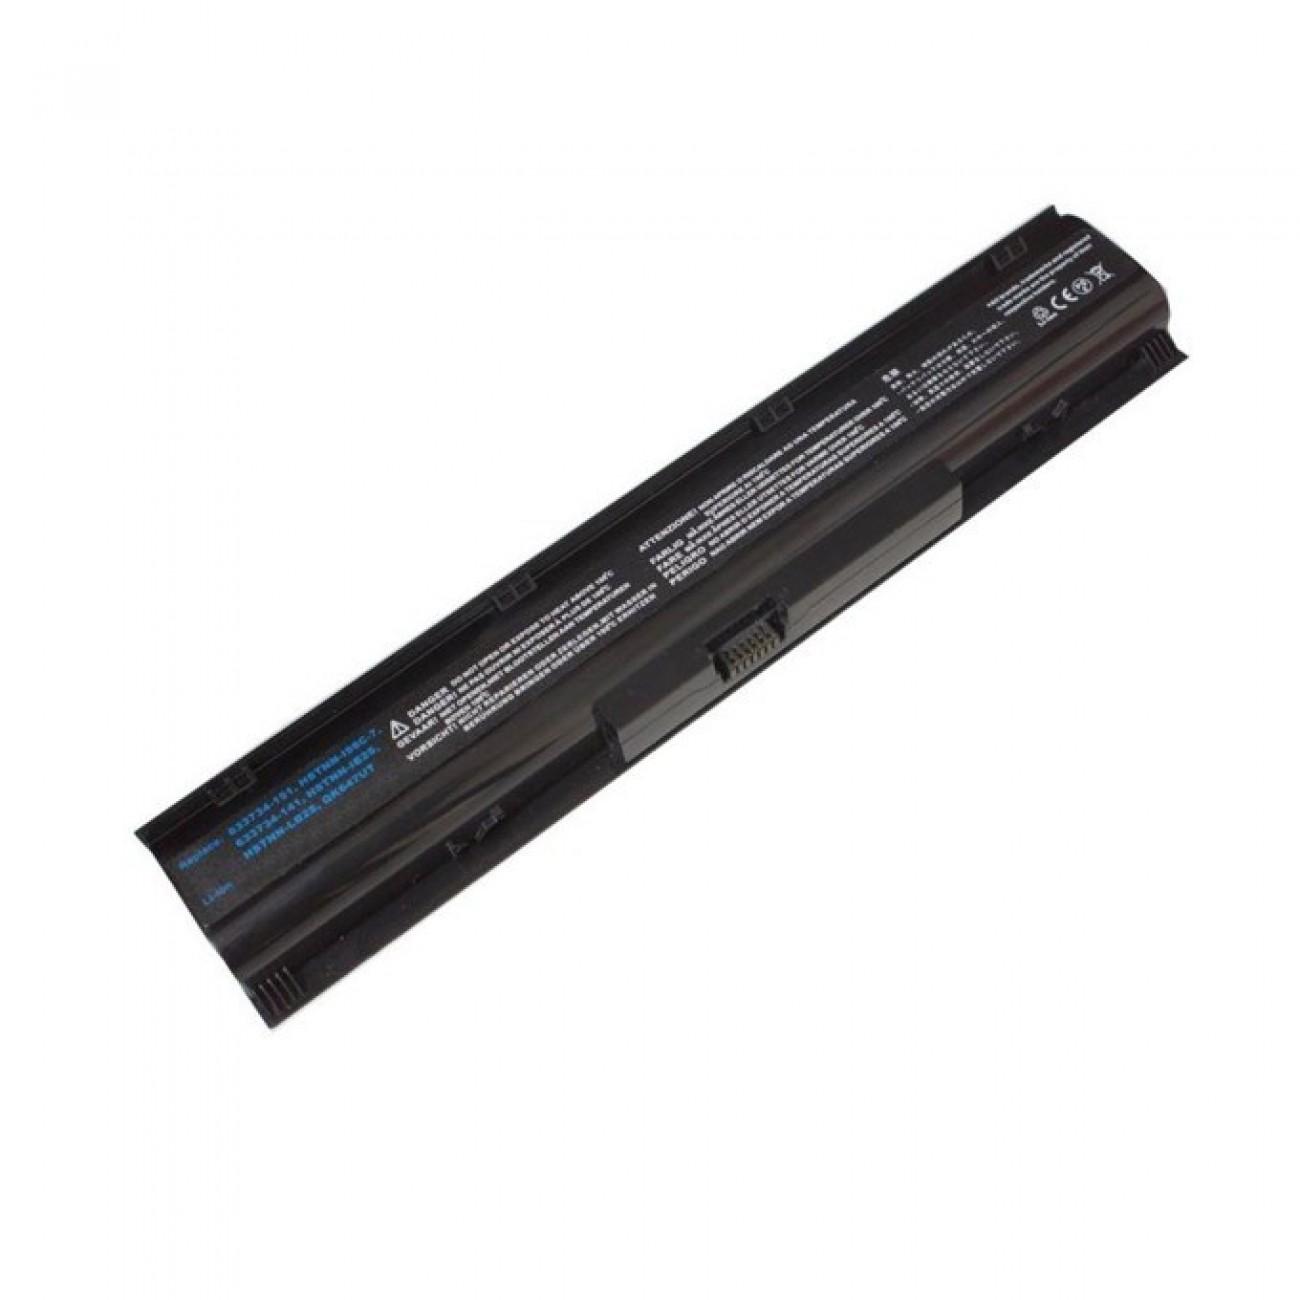 Батерия (заместител) за лаптоп HP ProBook 4730s 4740s, 8-cell, 14.4V, 4400 mAh в Батерии за Лаптоп -    Alleop